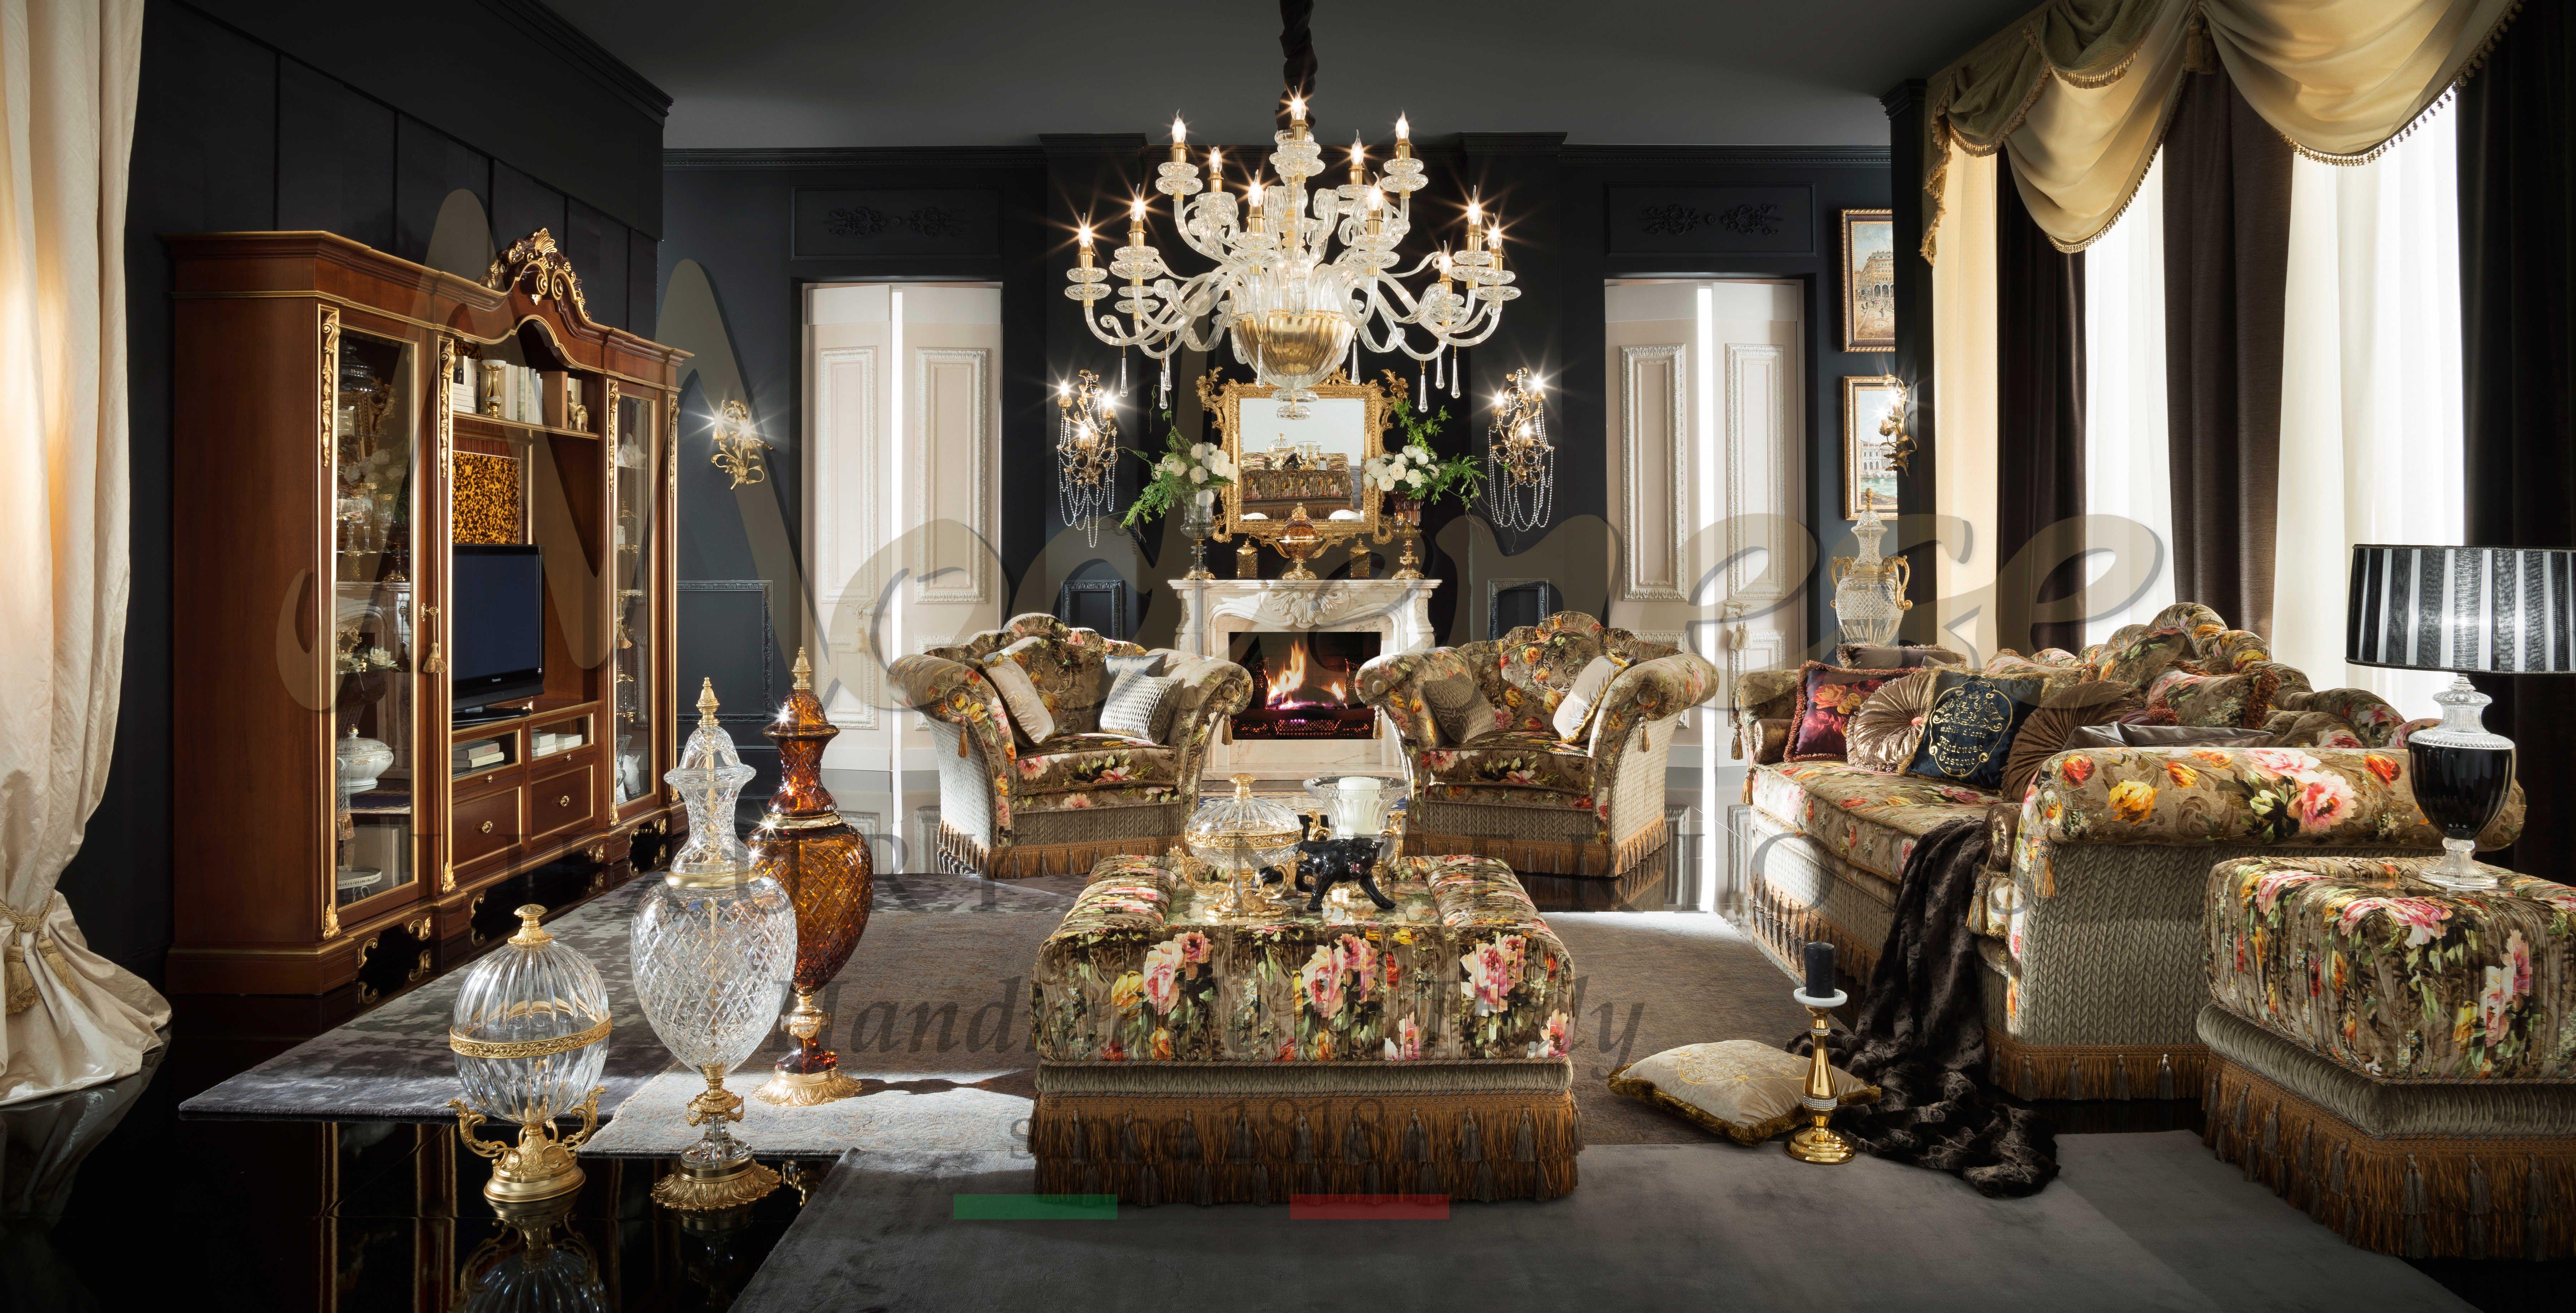 Classical Furniture Design Luxury Italian Furniture Luxury Interior Furniture Design